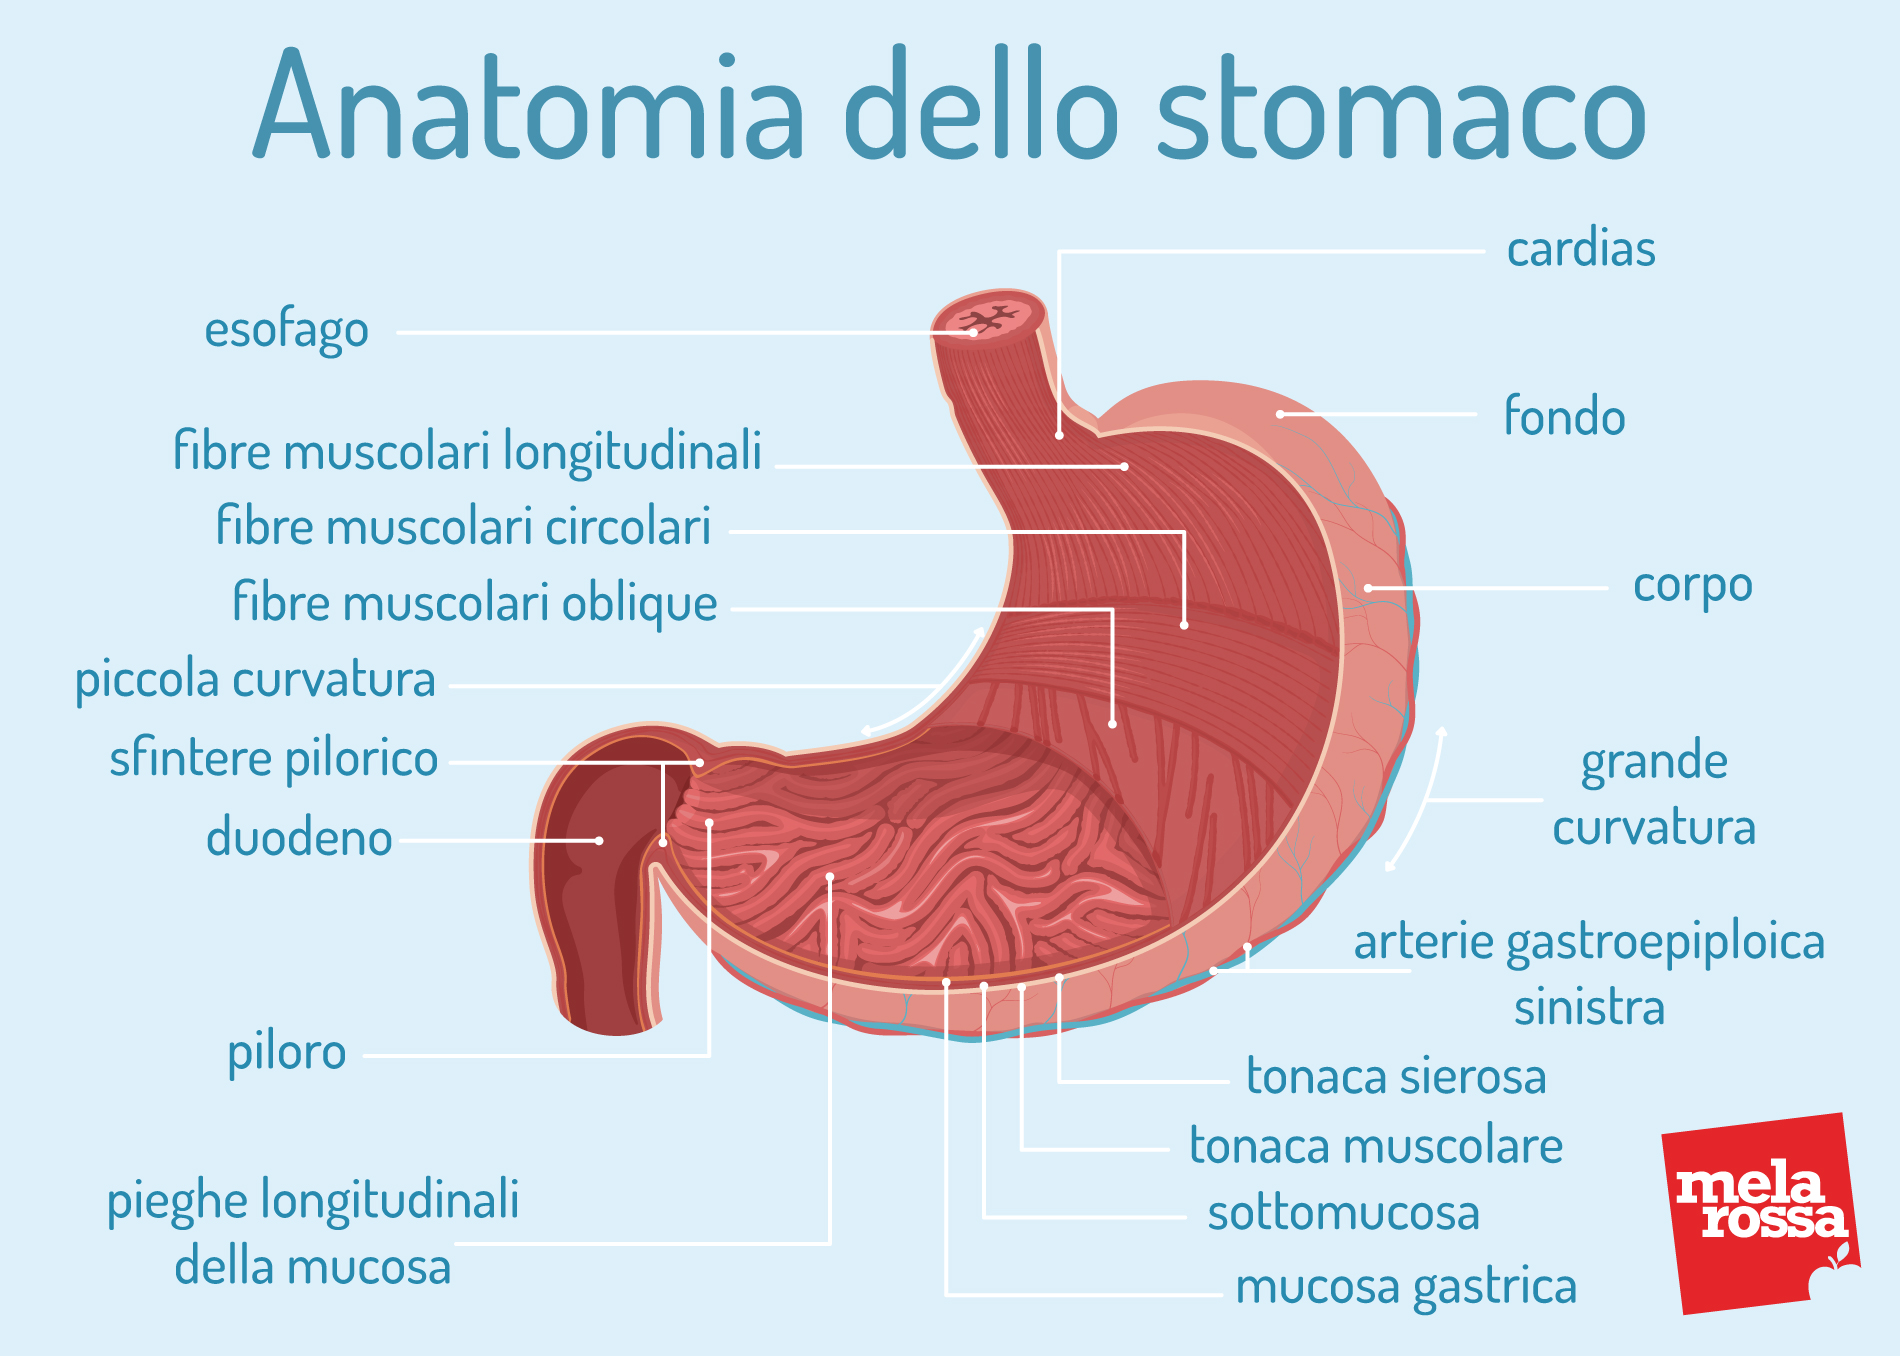 anatomia dello stomaco: come è fatto